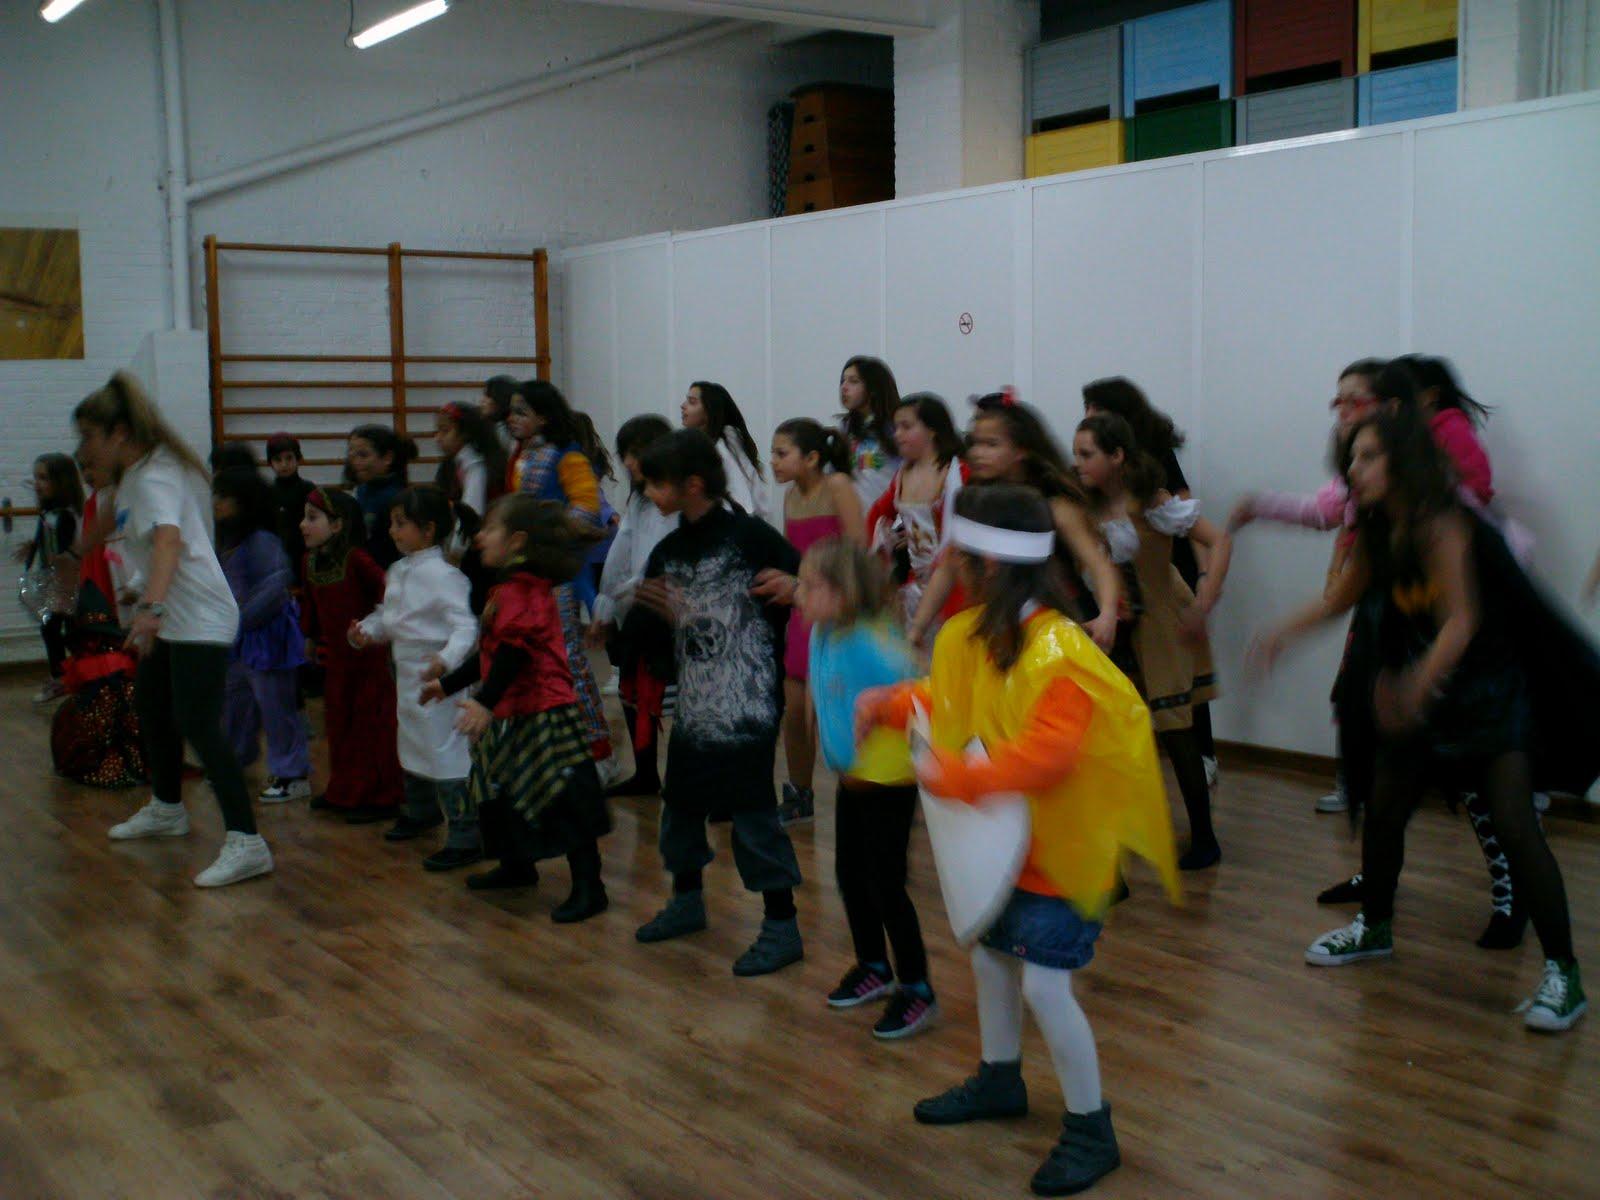 Escuela de danza y acrobacia gimnasio pir mide carnaval for Gimnasio hospitalet